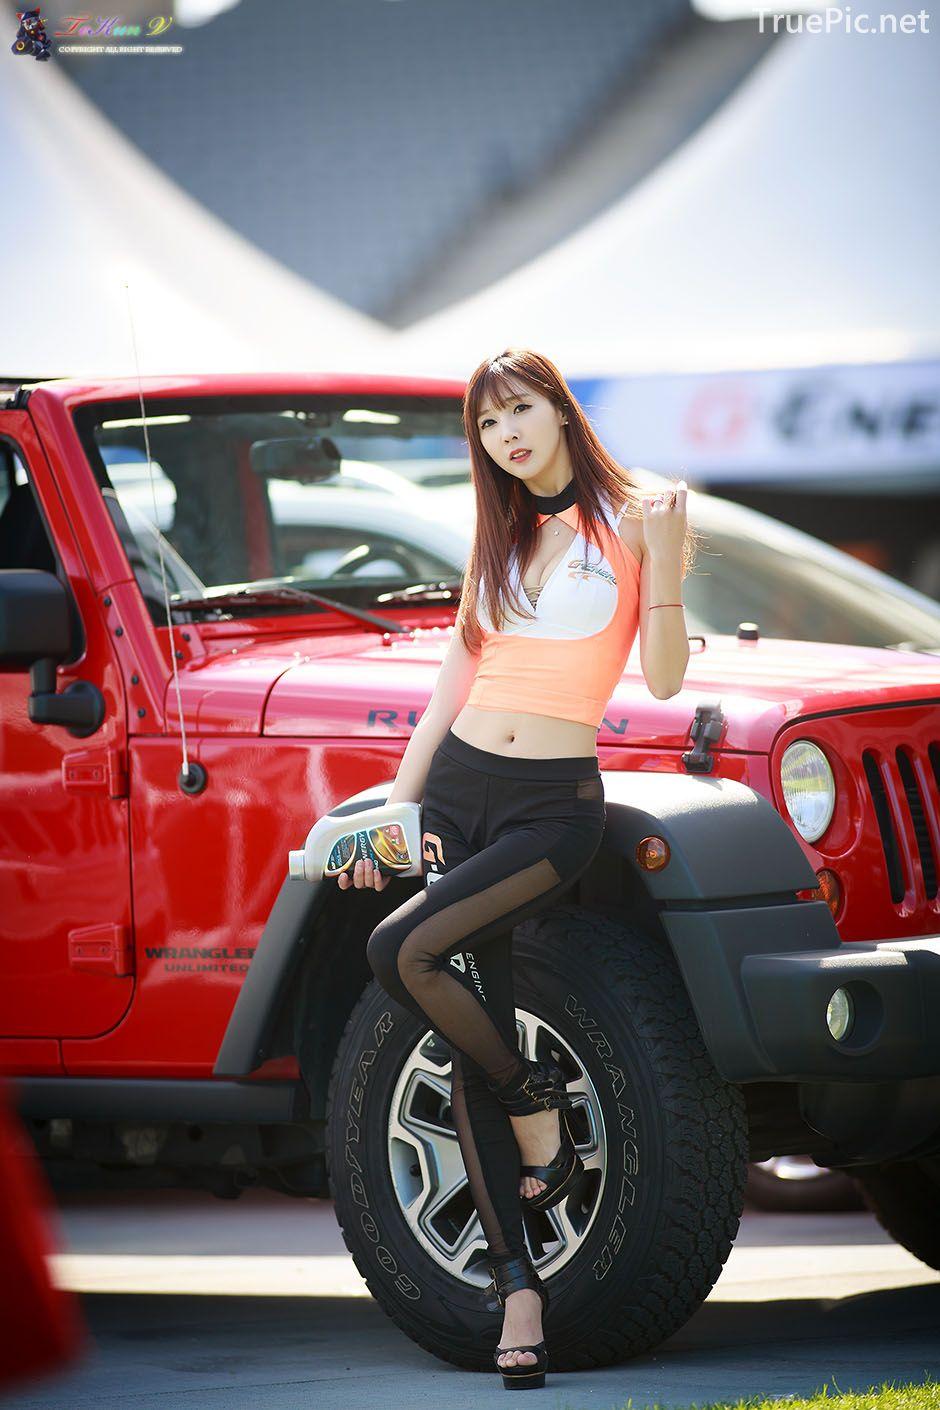 Image-Korean-Racing-Model-Lee-Yoo-Eun-Incheon-KoreaTuning-Festival-Show-TruePic.net- Picture-5